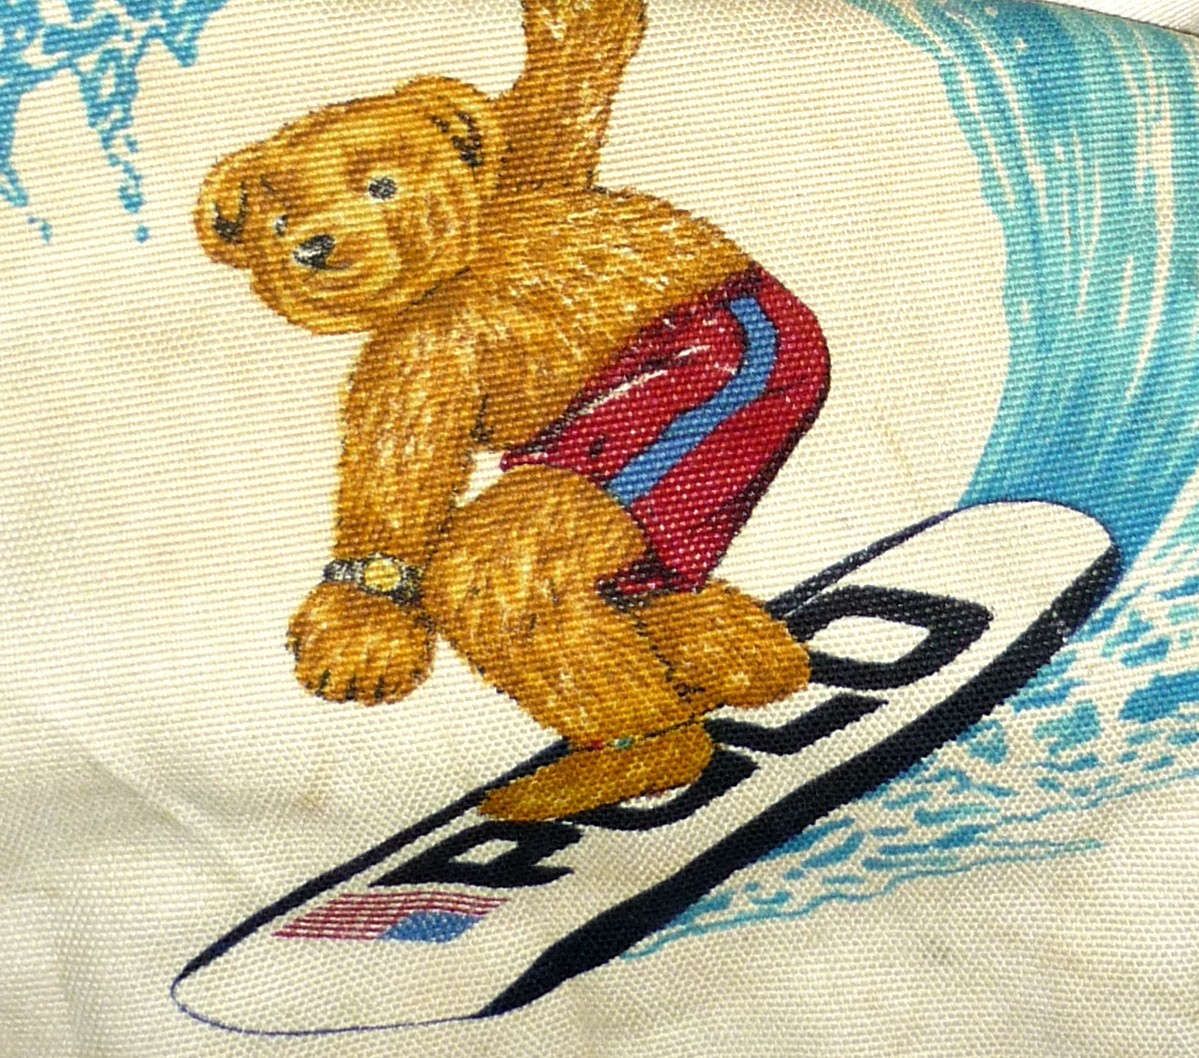 Polo Ralph Lauren Bear Collection widescreen wallpaper (1199 x 1058 )